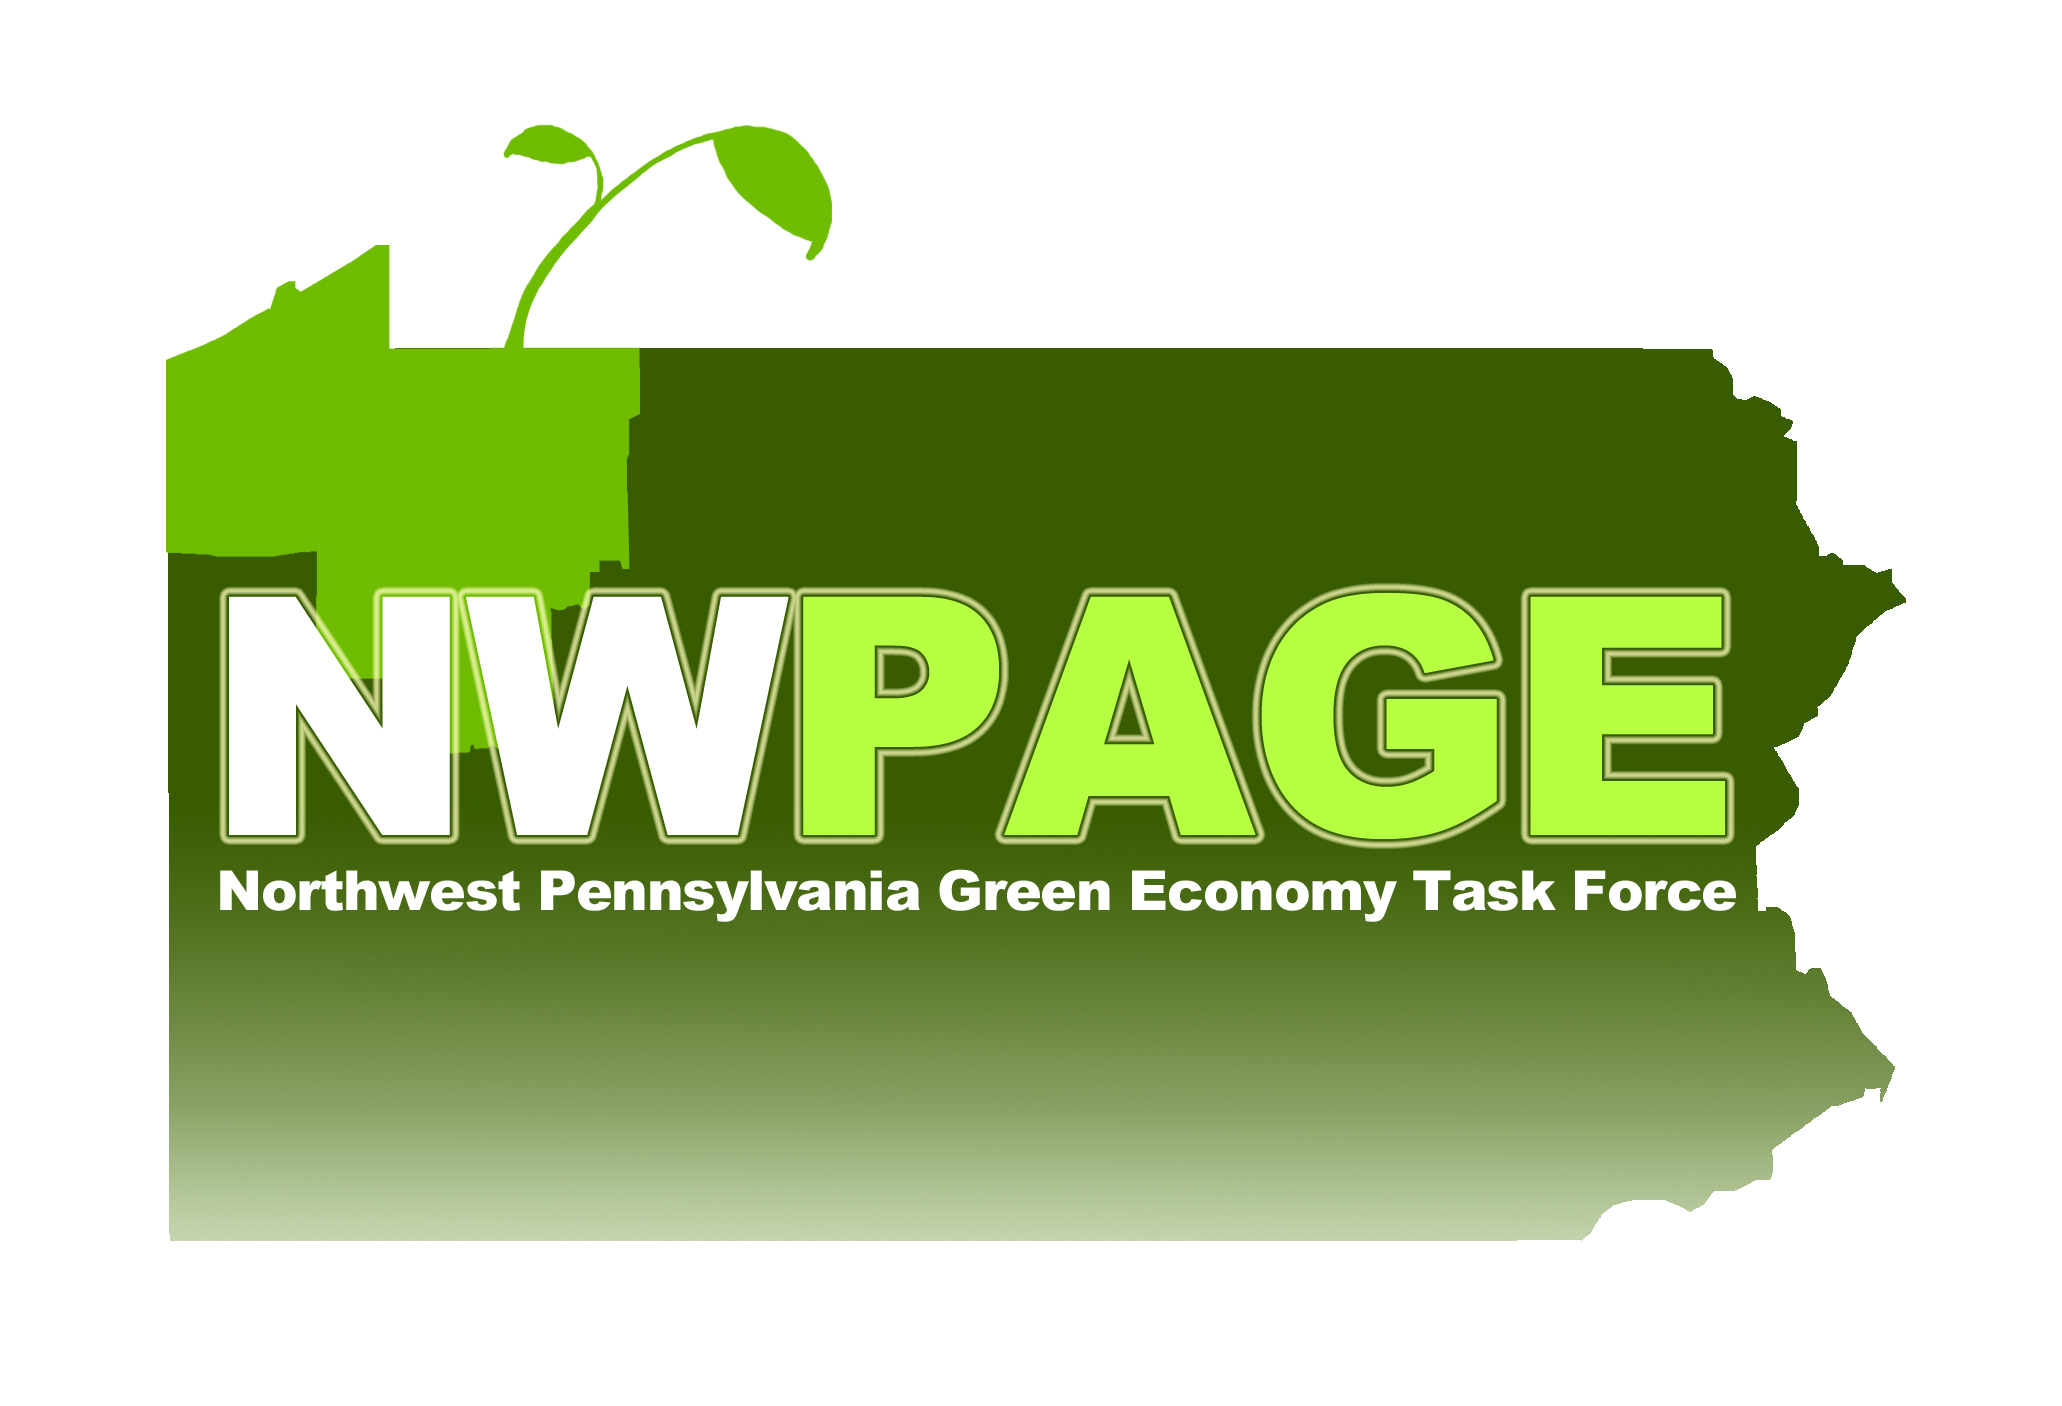 NWpage logo